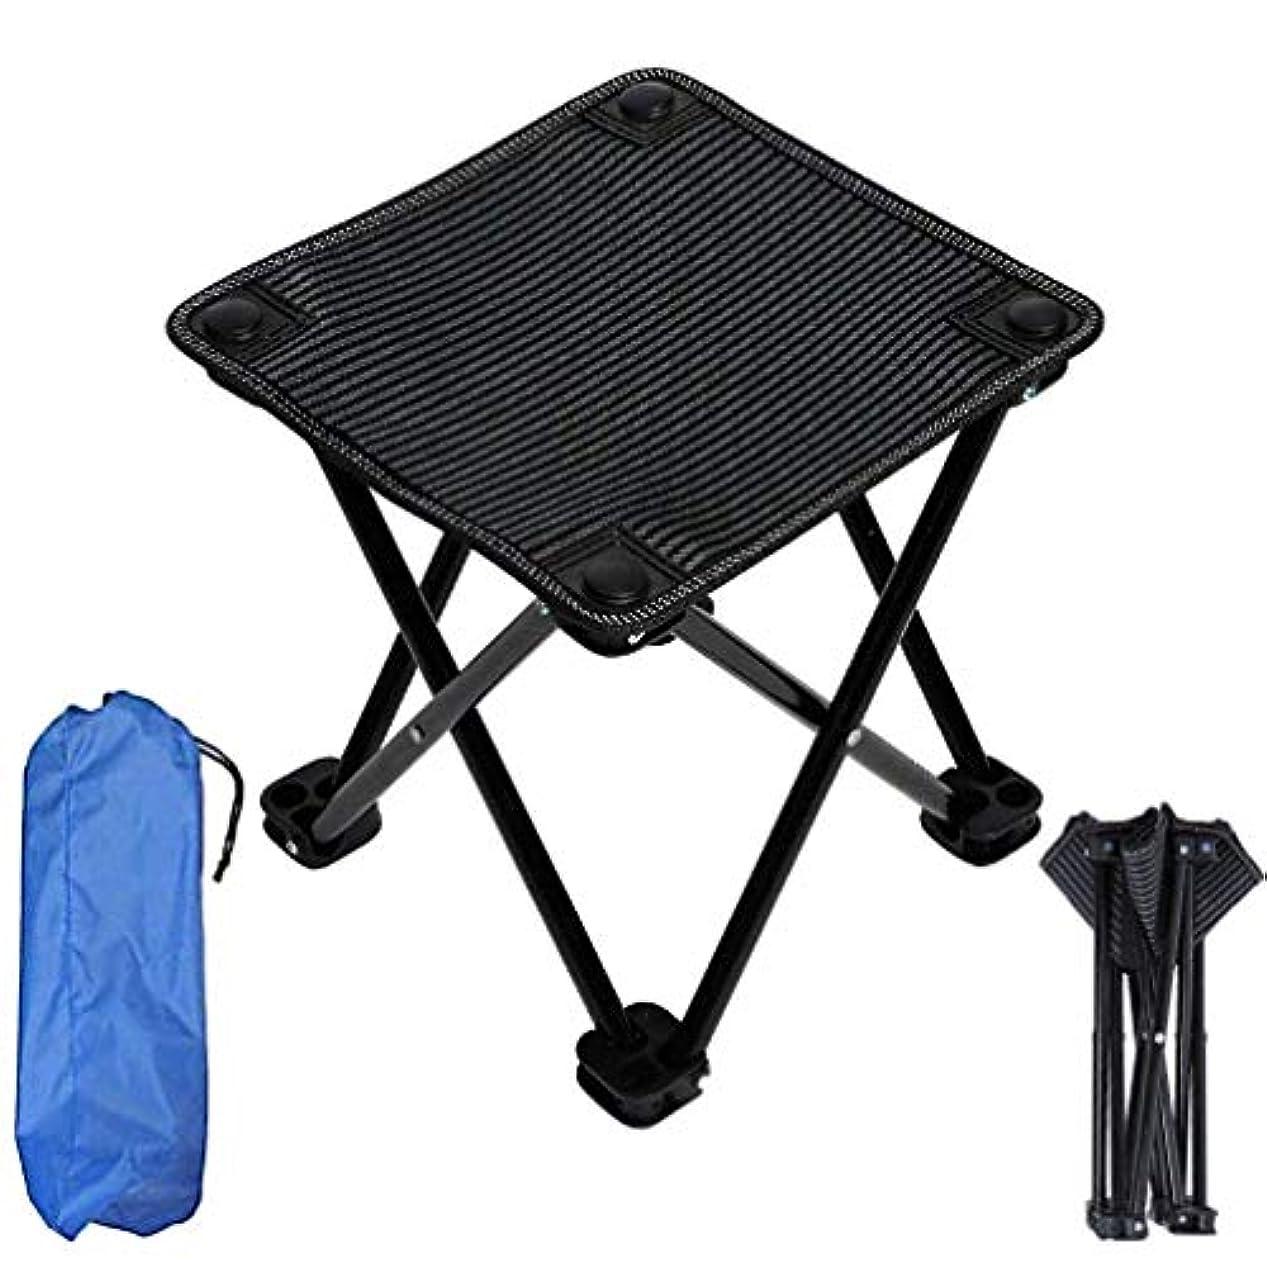 汚染された宿パイプキャンプチェア人間工学に基づいた軽量バックパッキングとビーチでのくつろぎ - 頑丈な330ポンドの容量を持つ、コンパクトなバッグで通気性と快適な折りたたみ式,B